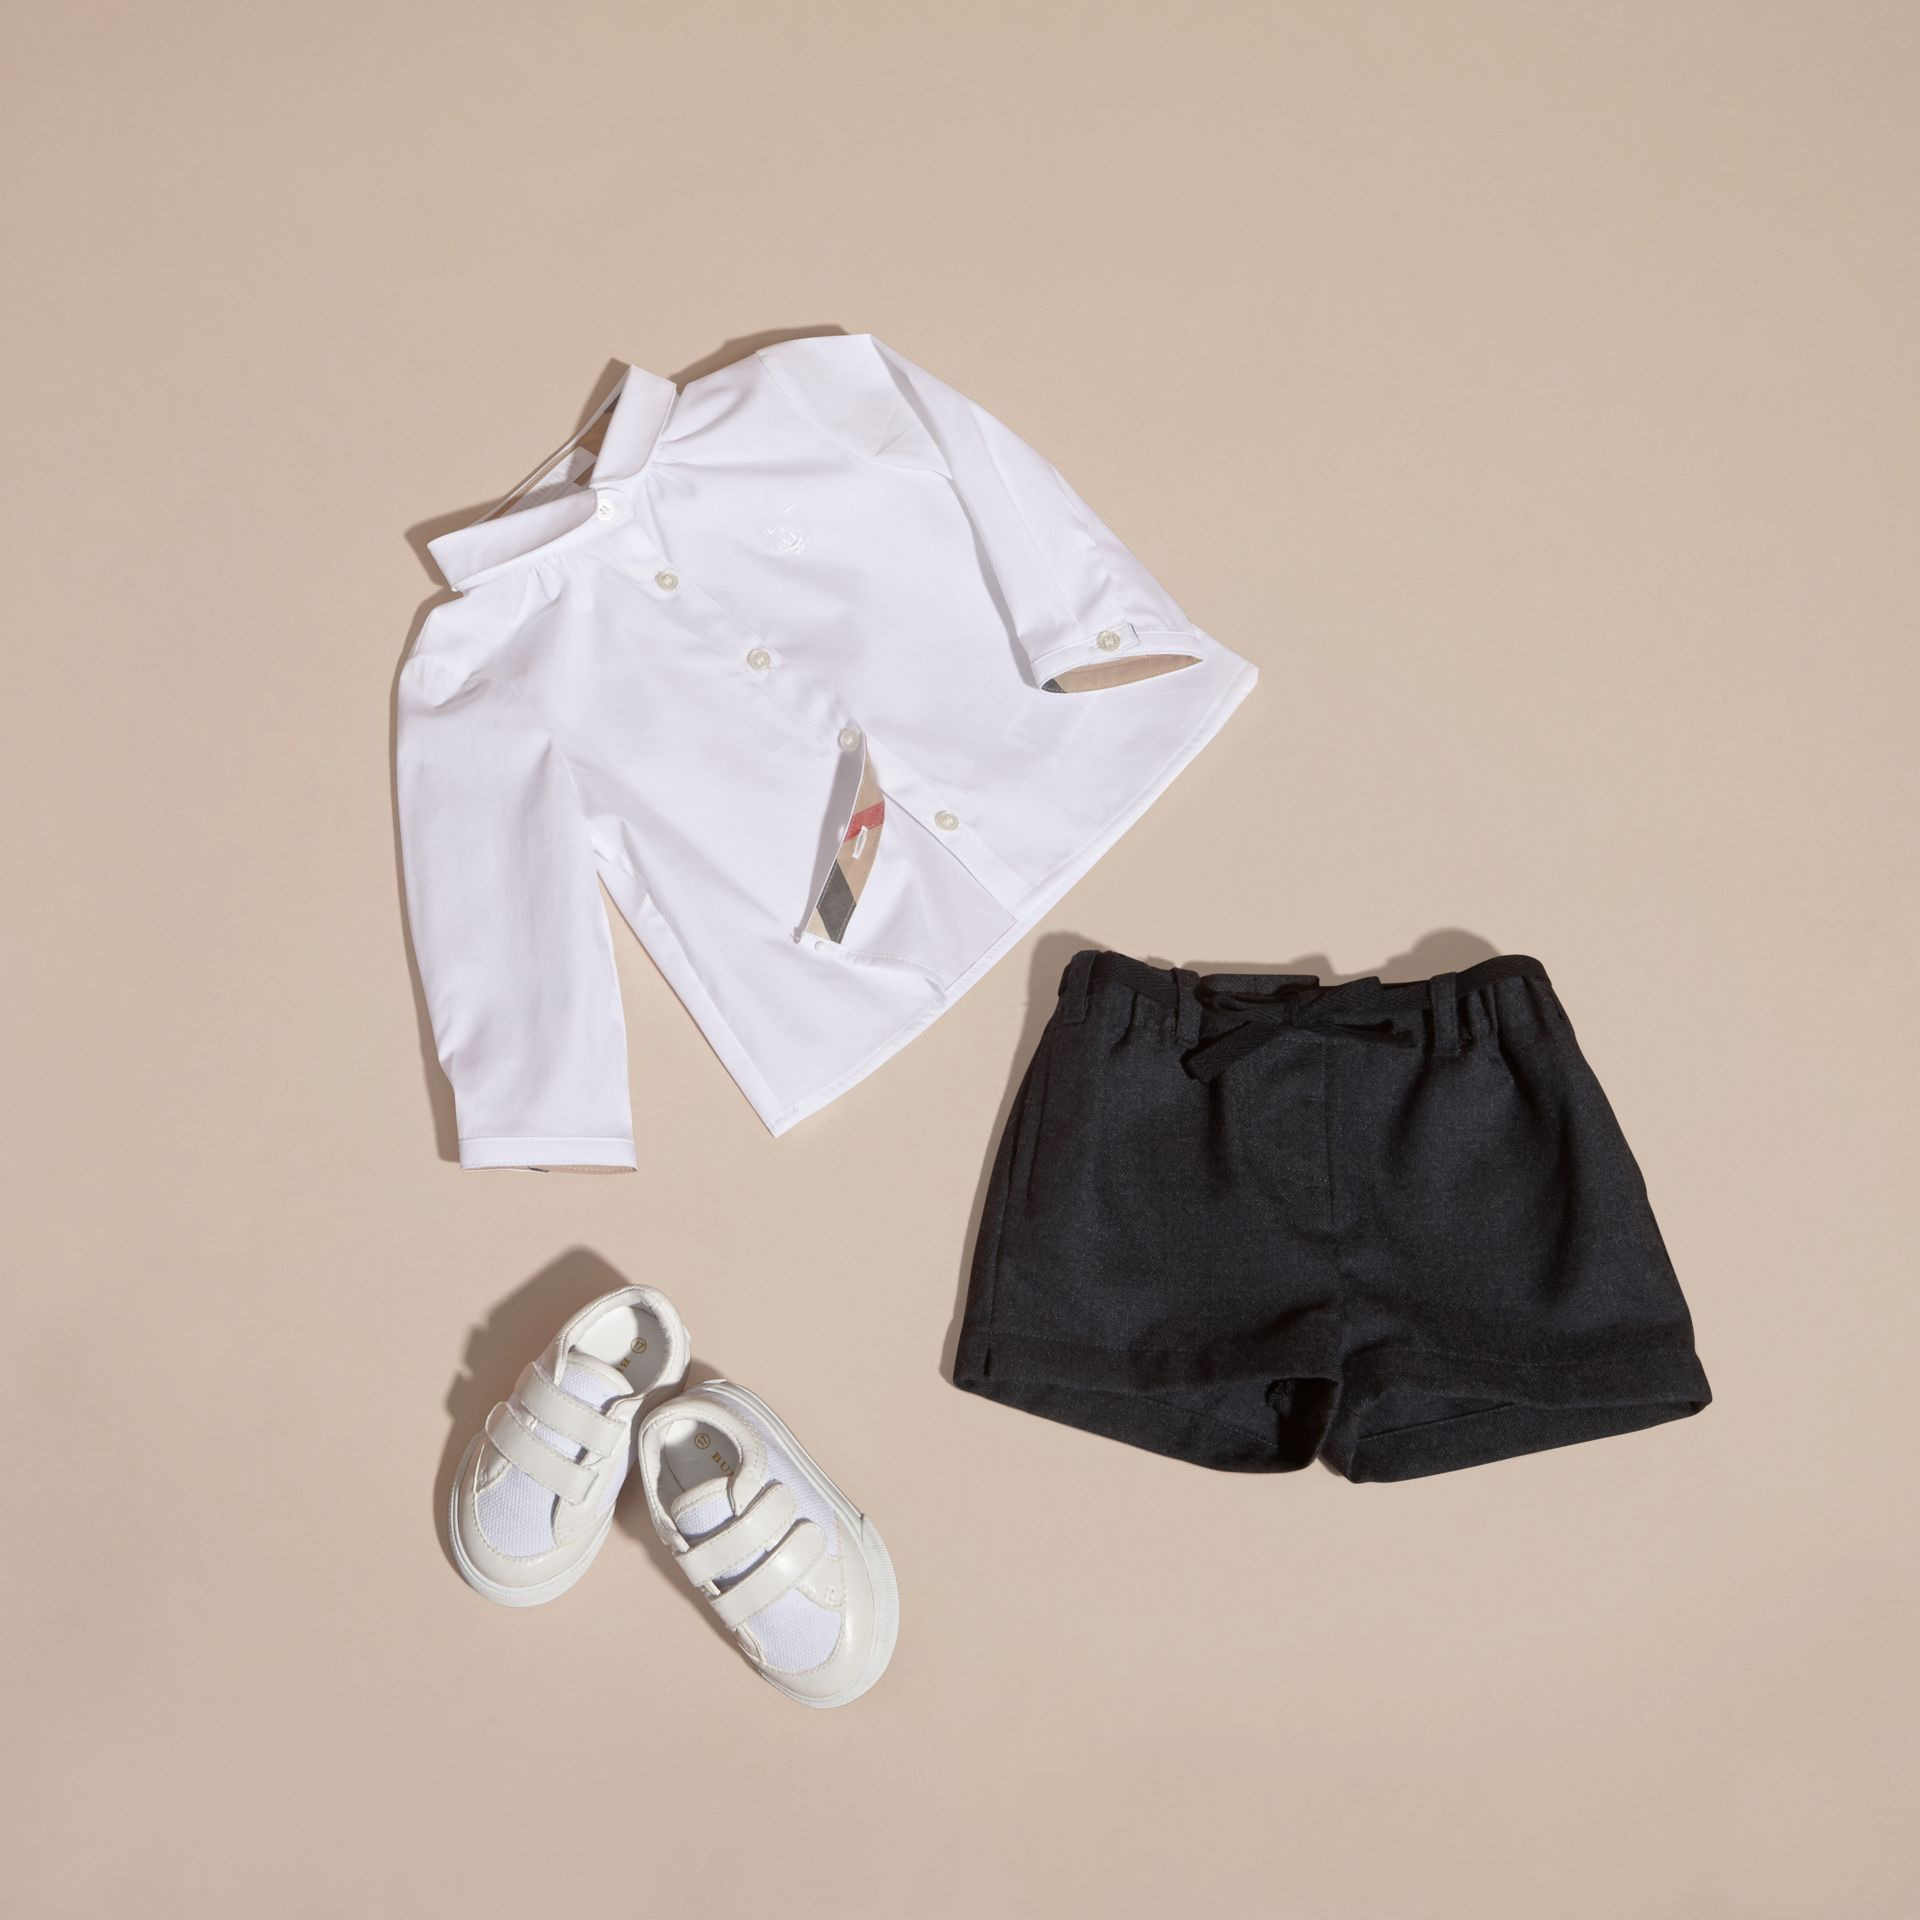 Branco Camisa de algodão stretch com colarinho Peter Pan - galeria de imagens 6